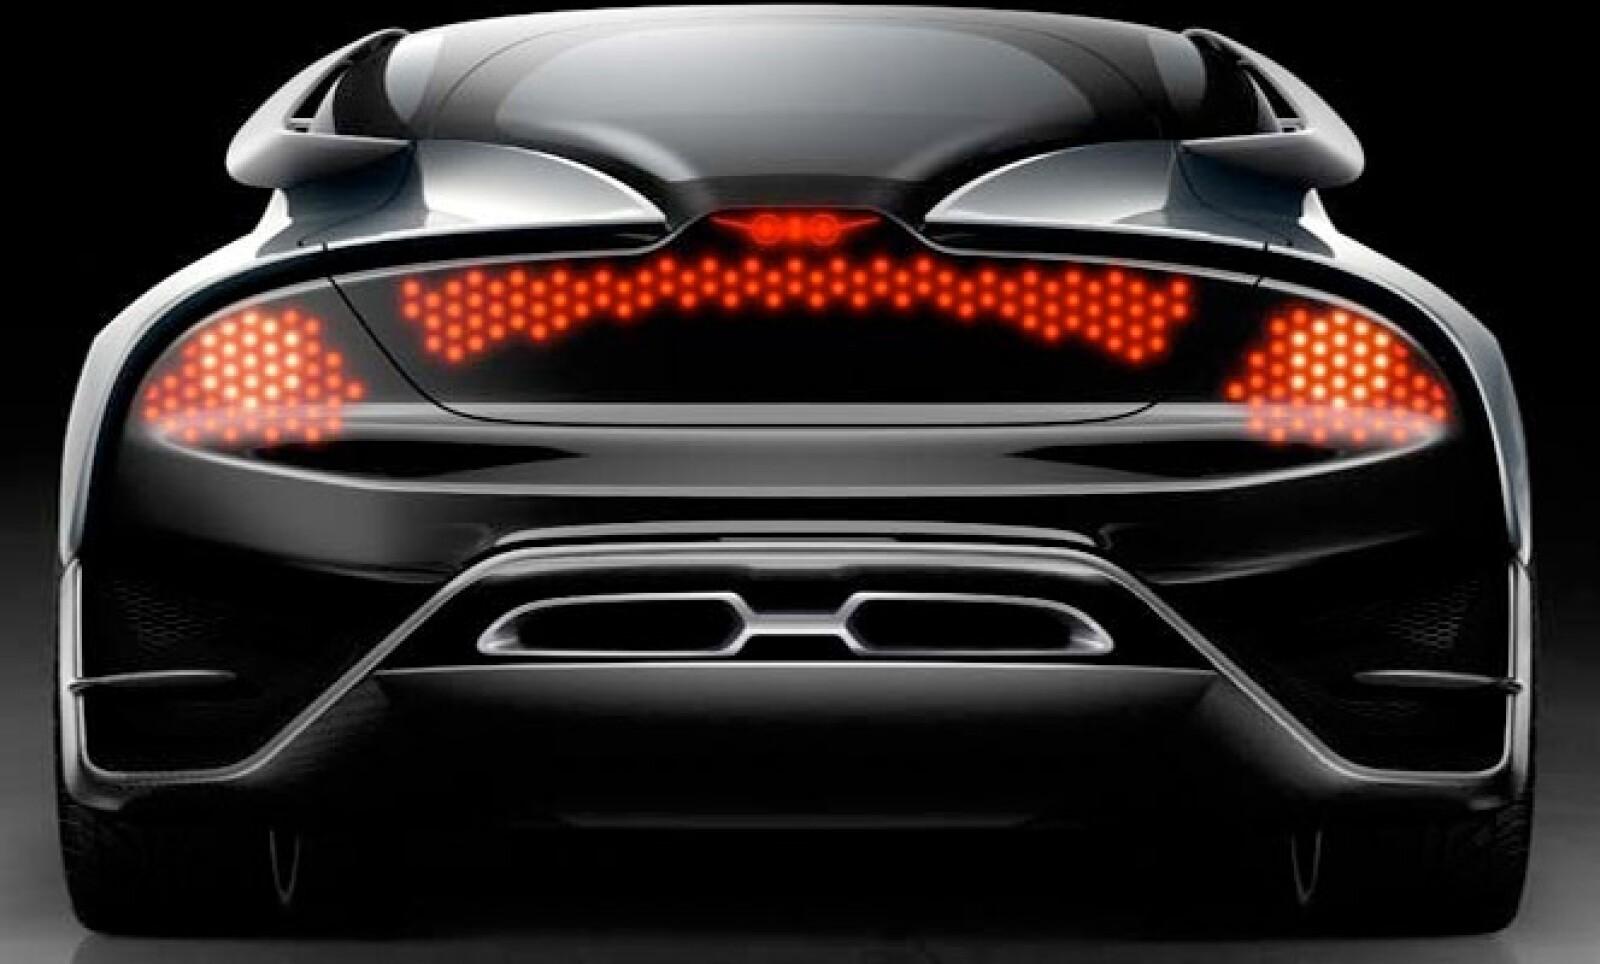 Este prototipo es impulsado por un novedoso sistema híbrido, que genera electricidad al mismo tiempo que moviliza al automóvil.